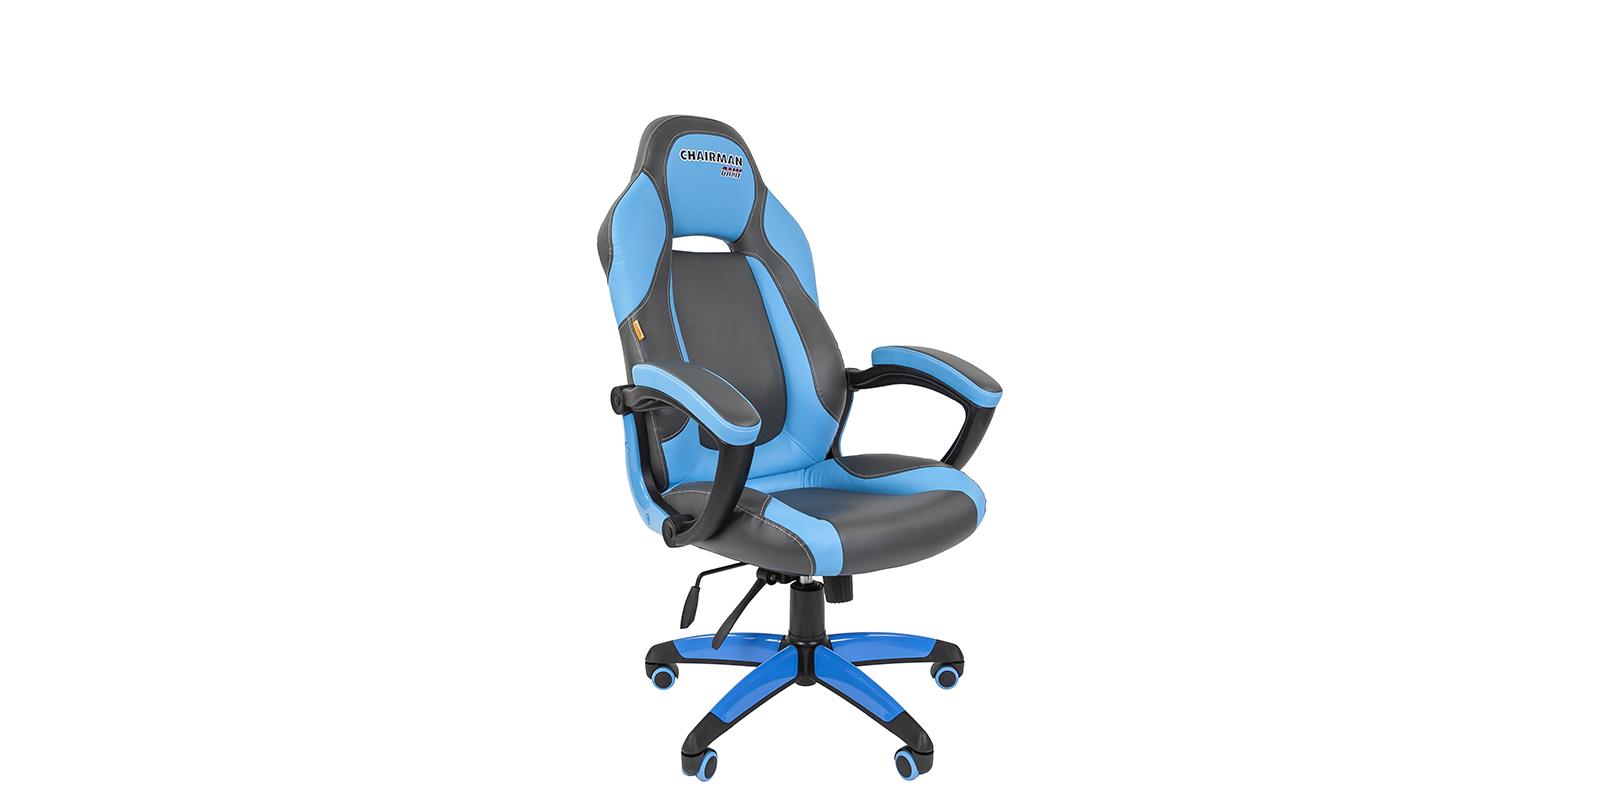 Игровое кресло Chairman game 20 (серый/голубой)